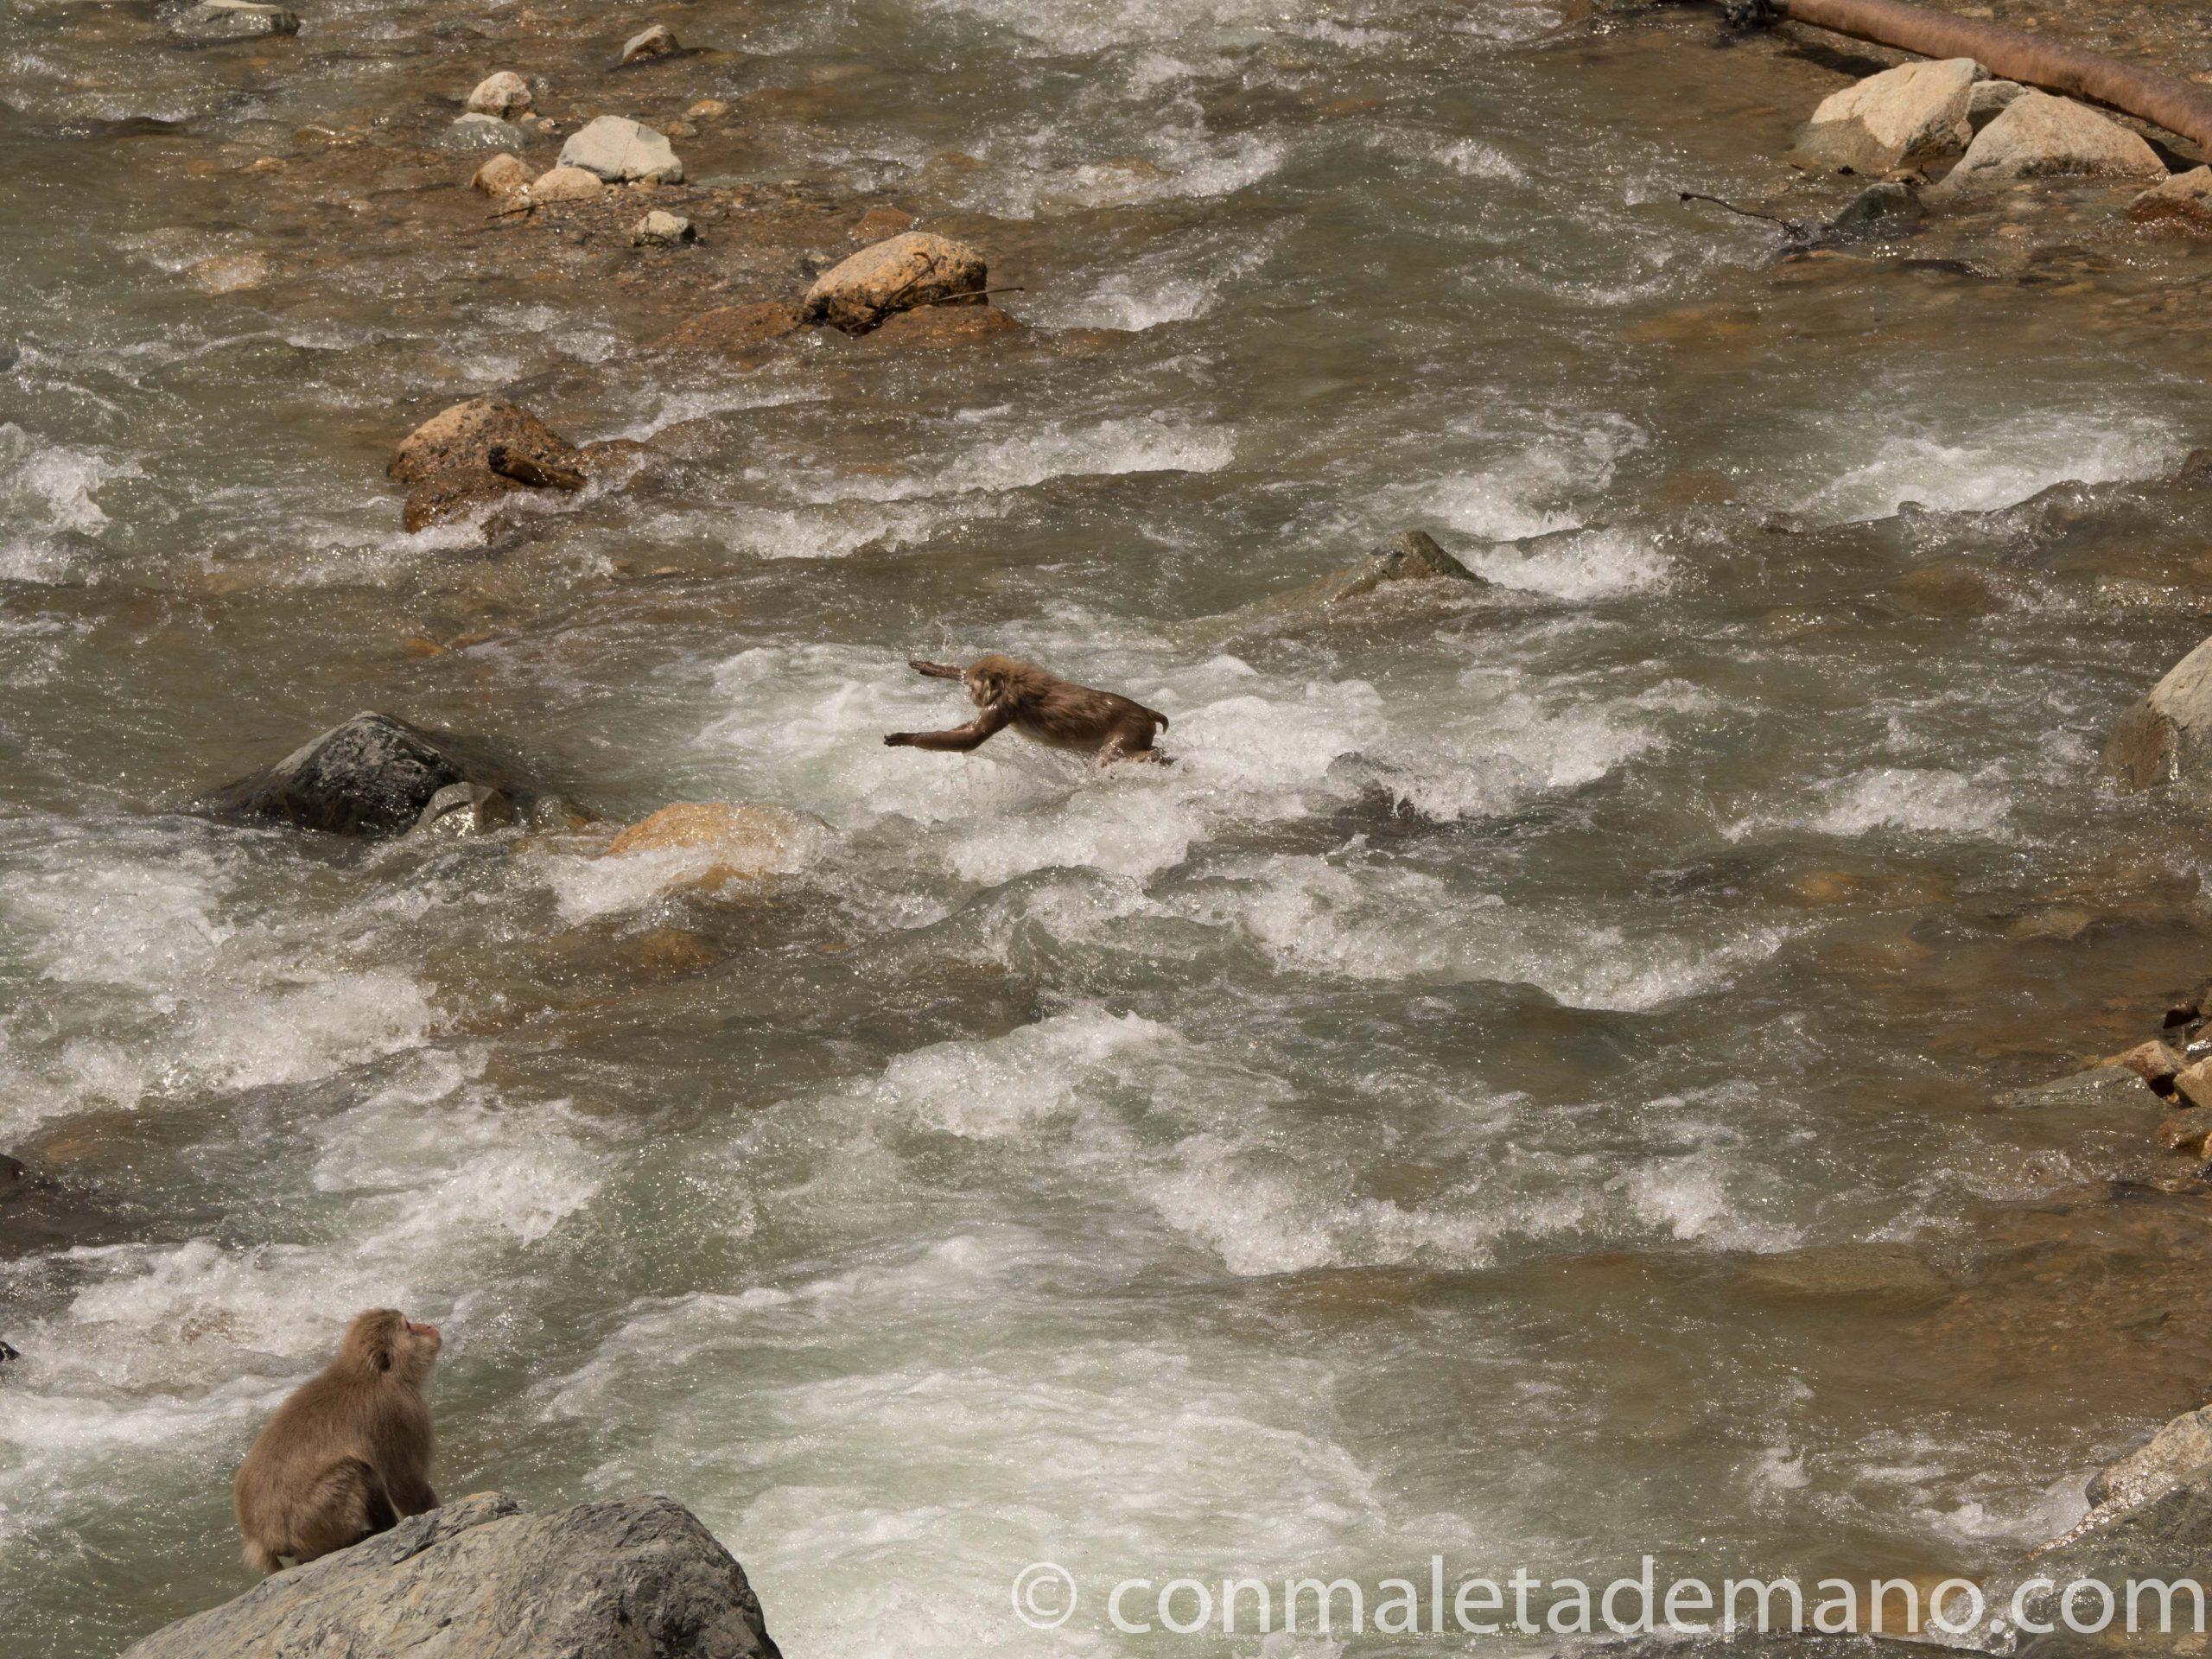 Macaco pegándose un chapuzón en el río